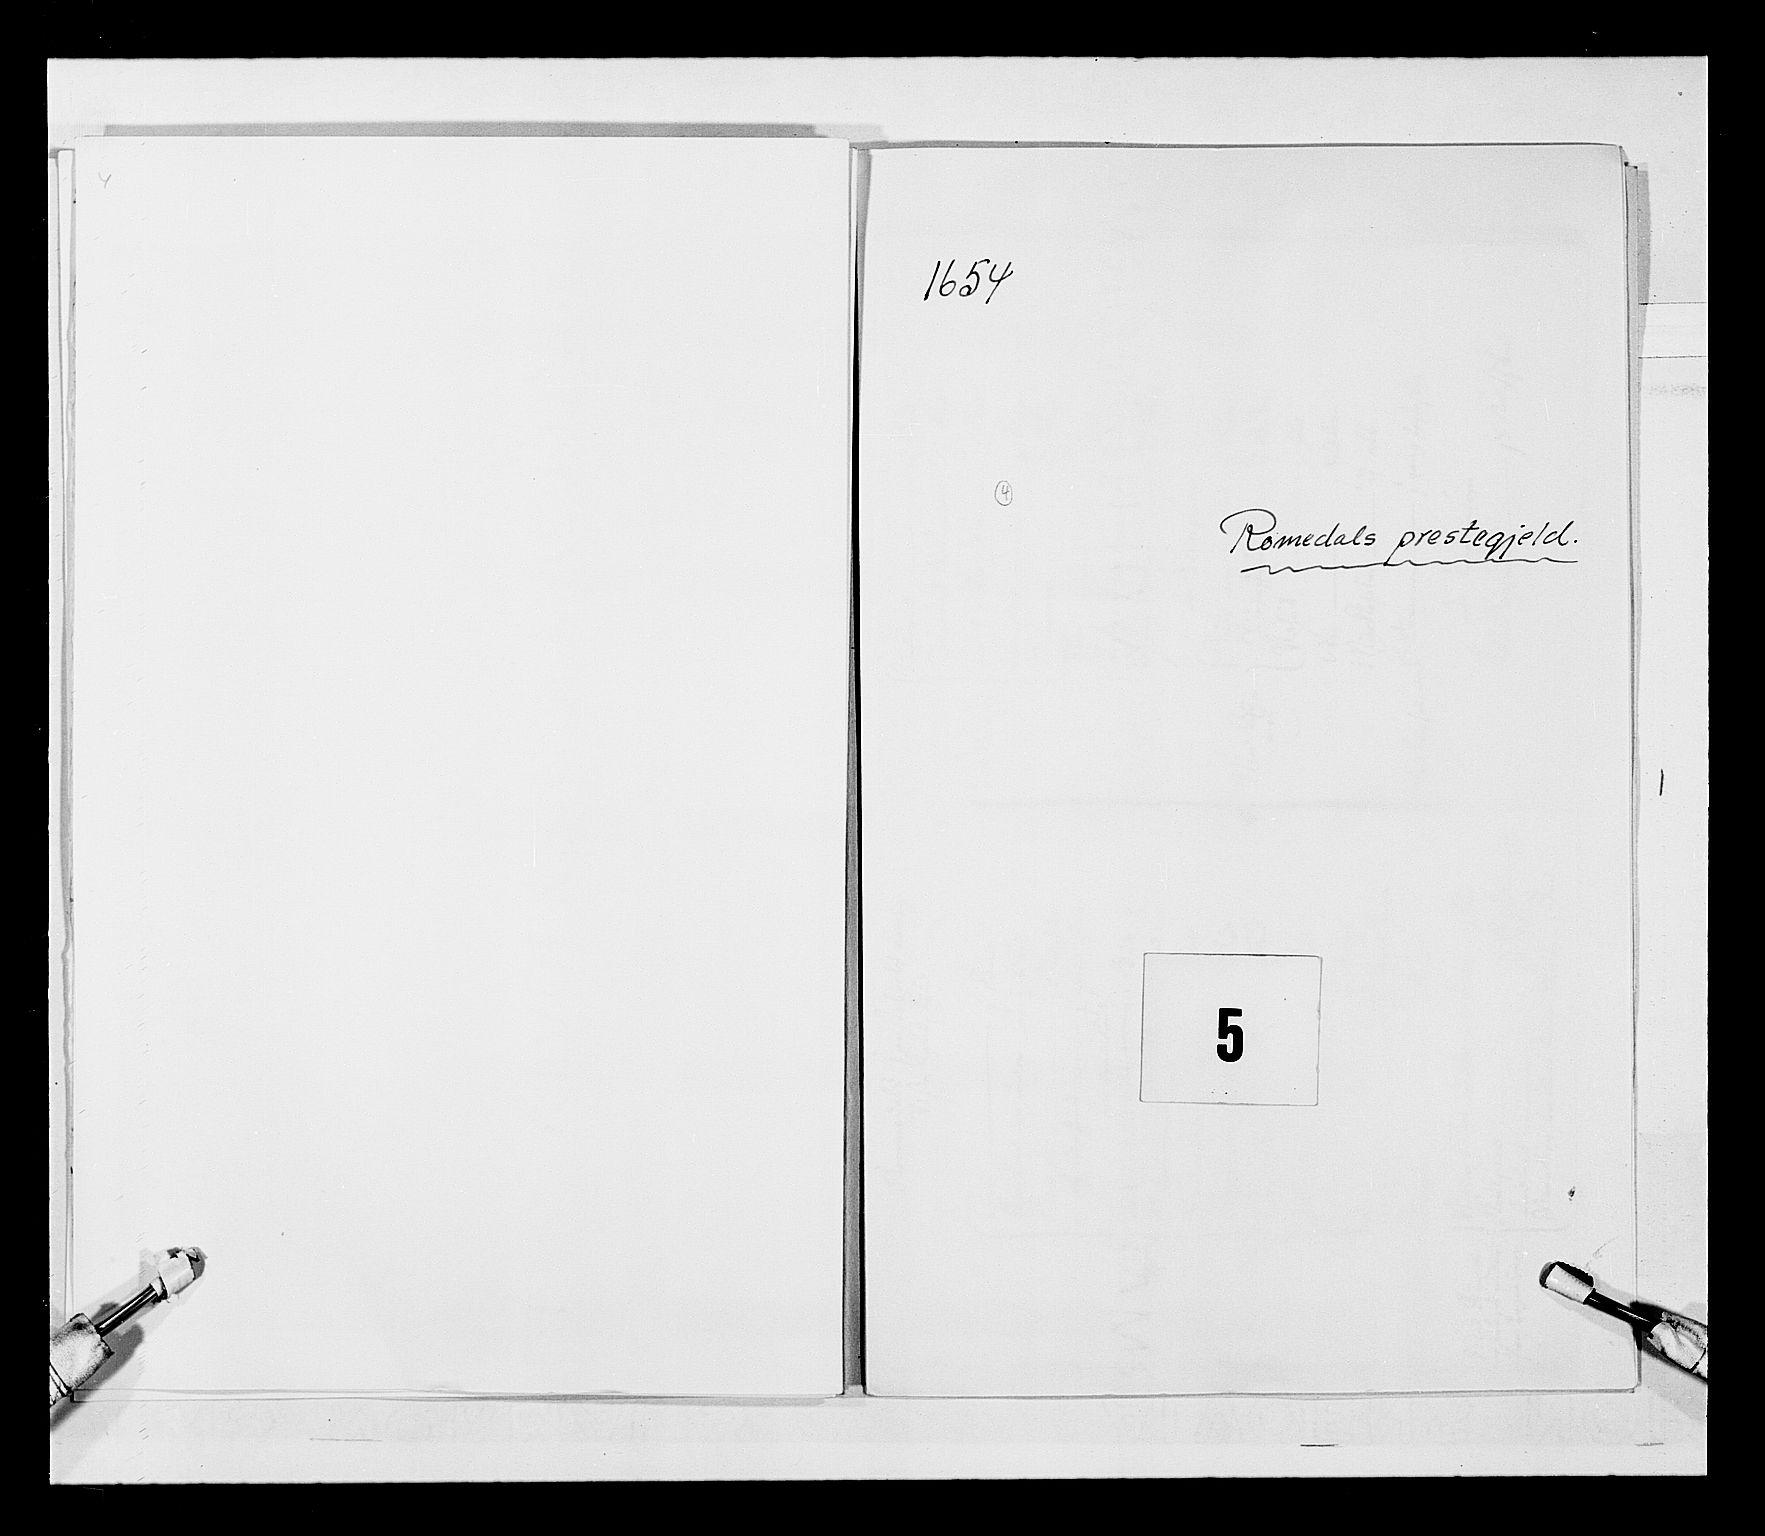 RA, Stattholderembetet 1572-1771, Ek/L0030: Jordebøker 1633-1658:, 1654, s. 11